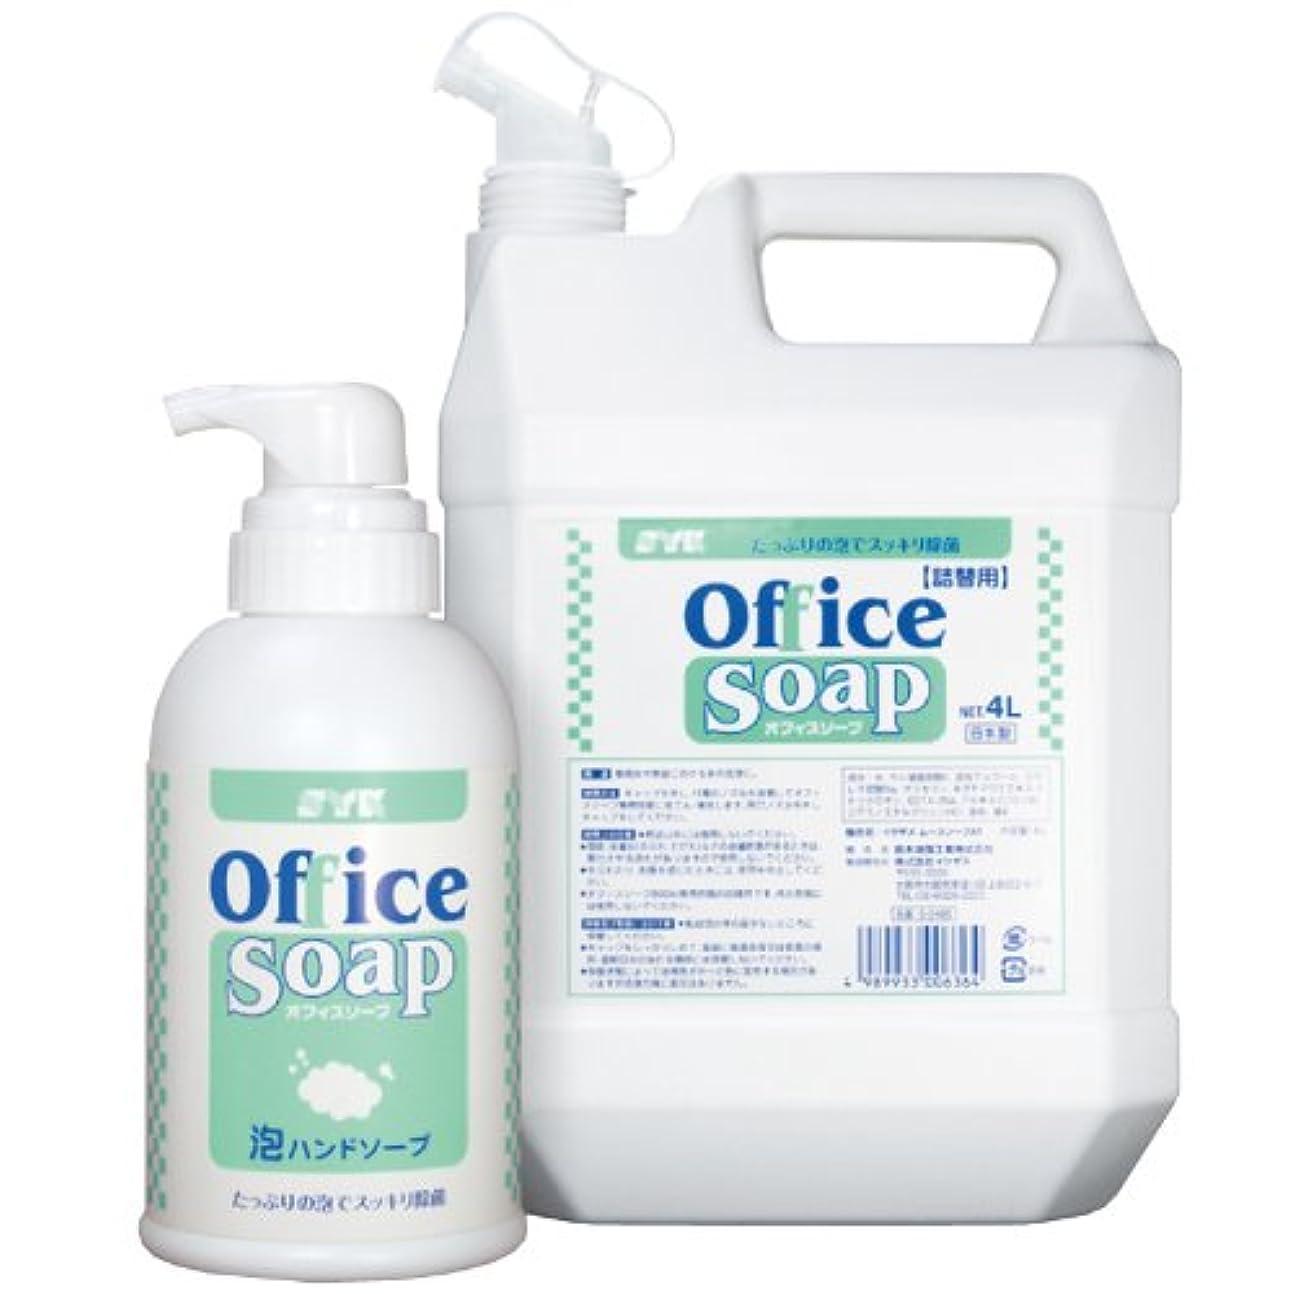 桁カフェアパル鈴木油脂 事務所用手洗い洗剤 業務用 オフィスソープ ポンプ入 780ml×3本